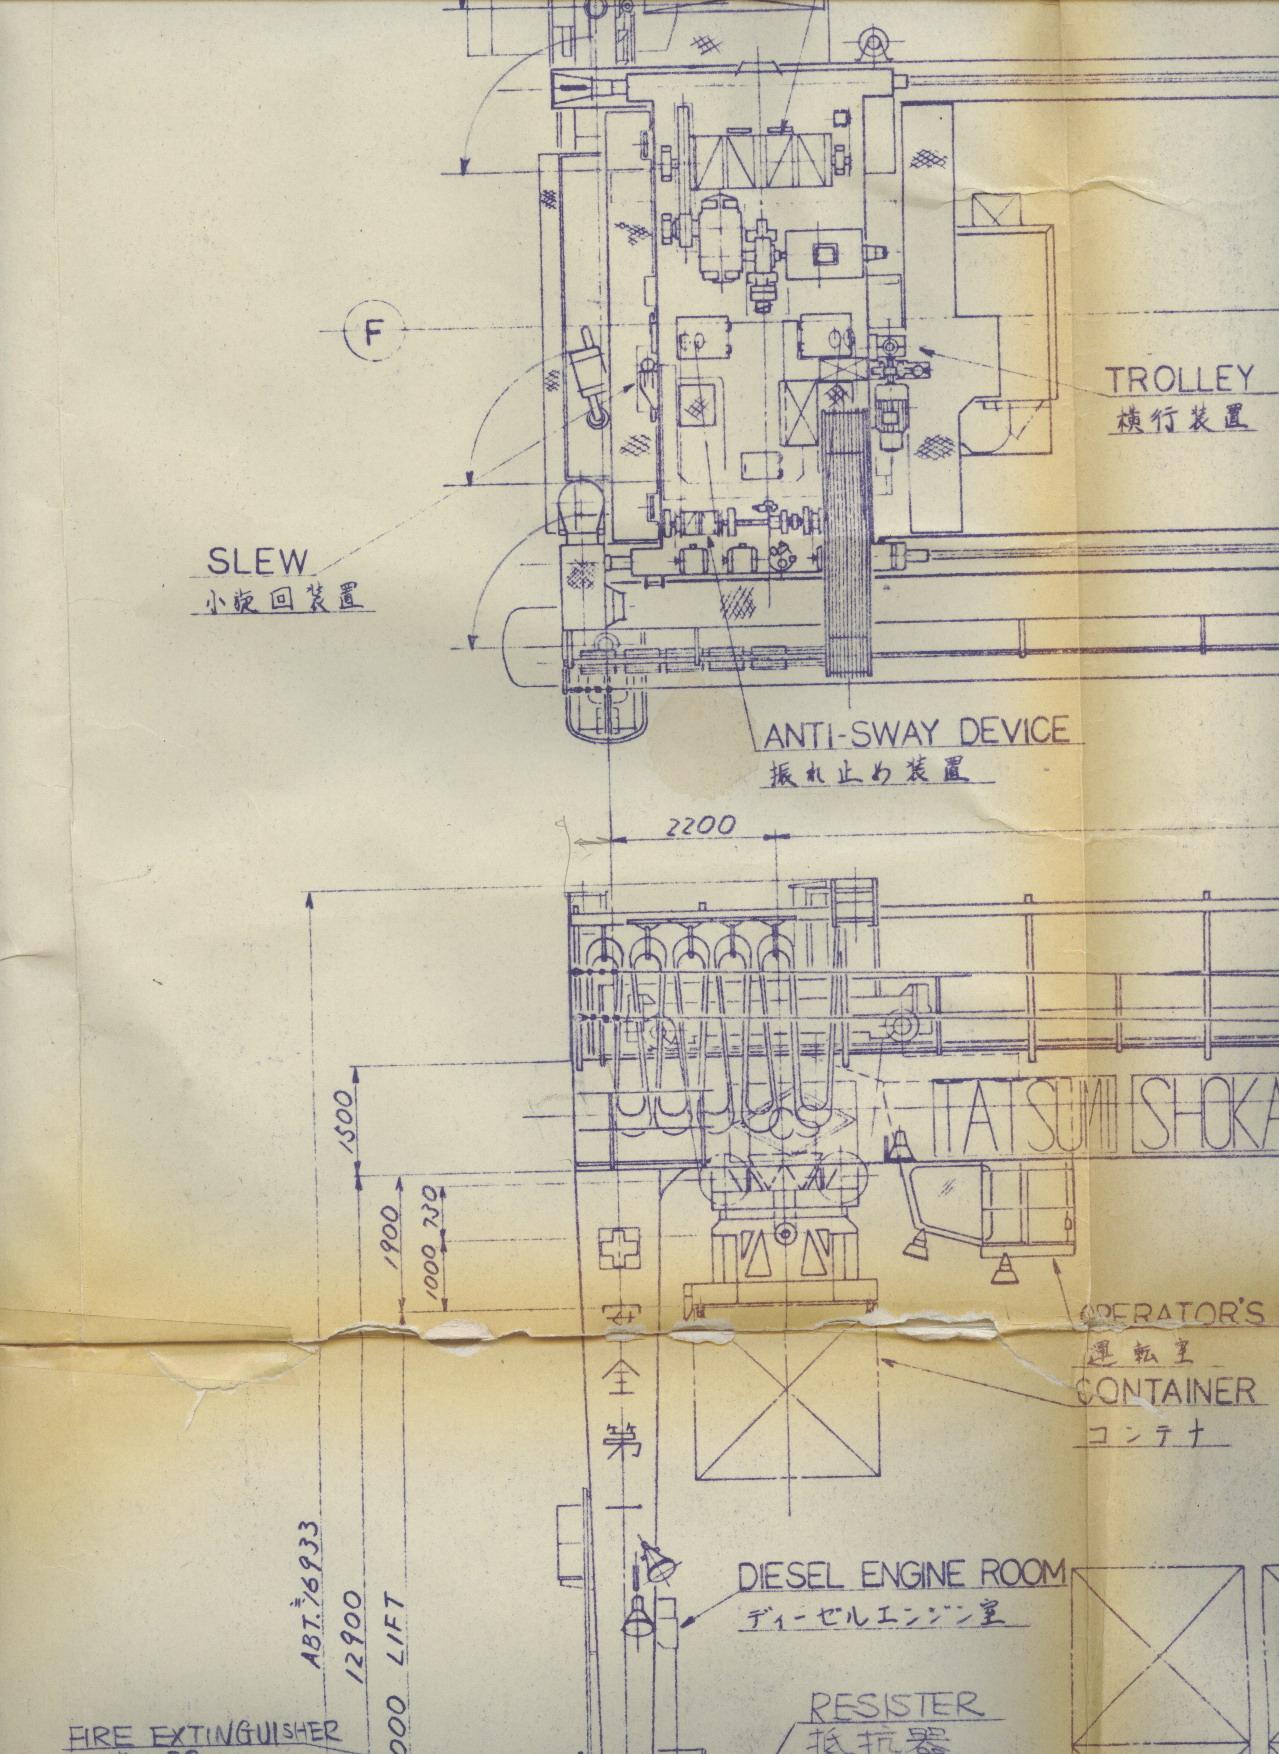 机械制造与设计、图纸交流文档画过集装箱word电气如何插入版块轴线图片